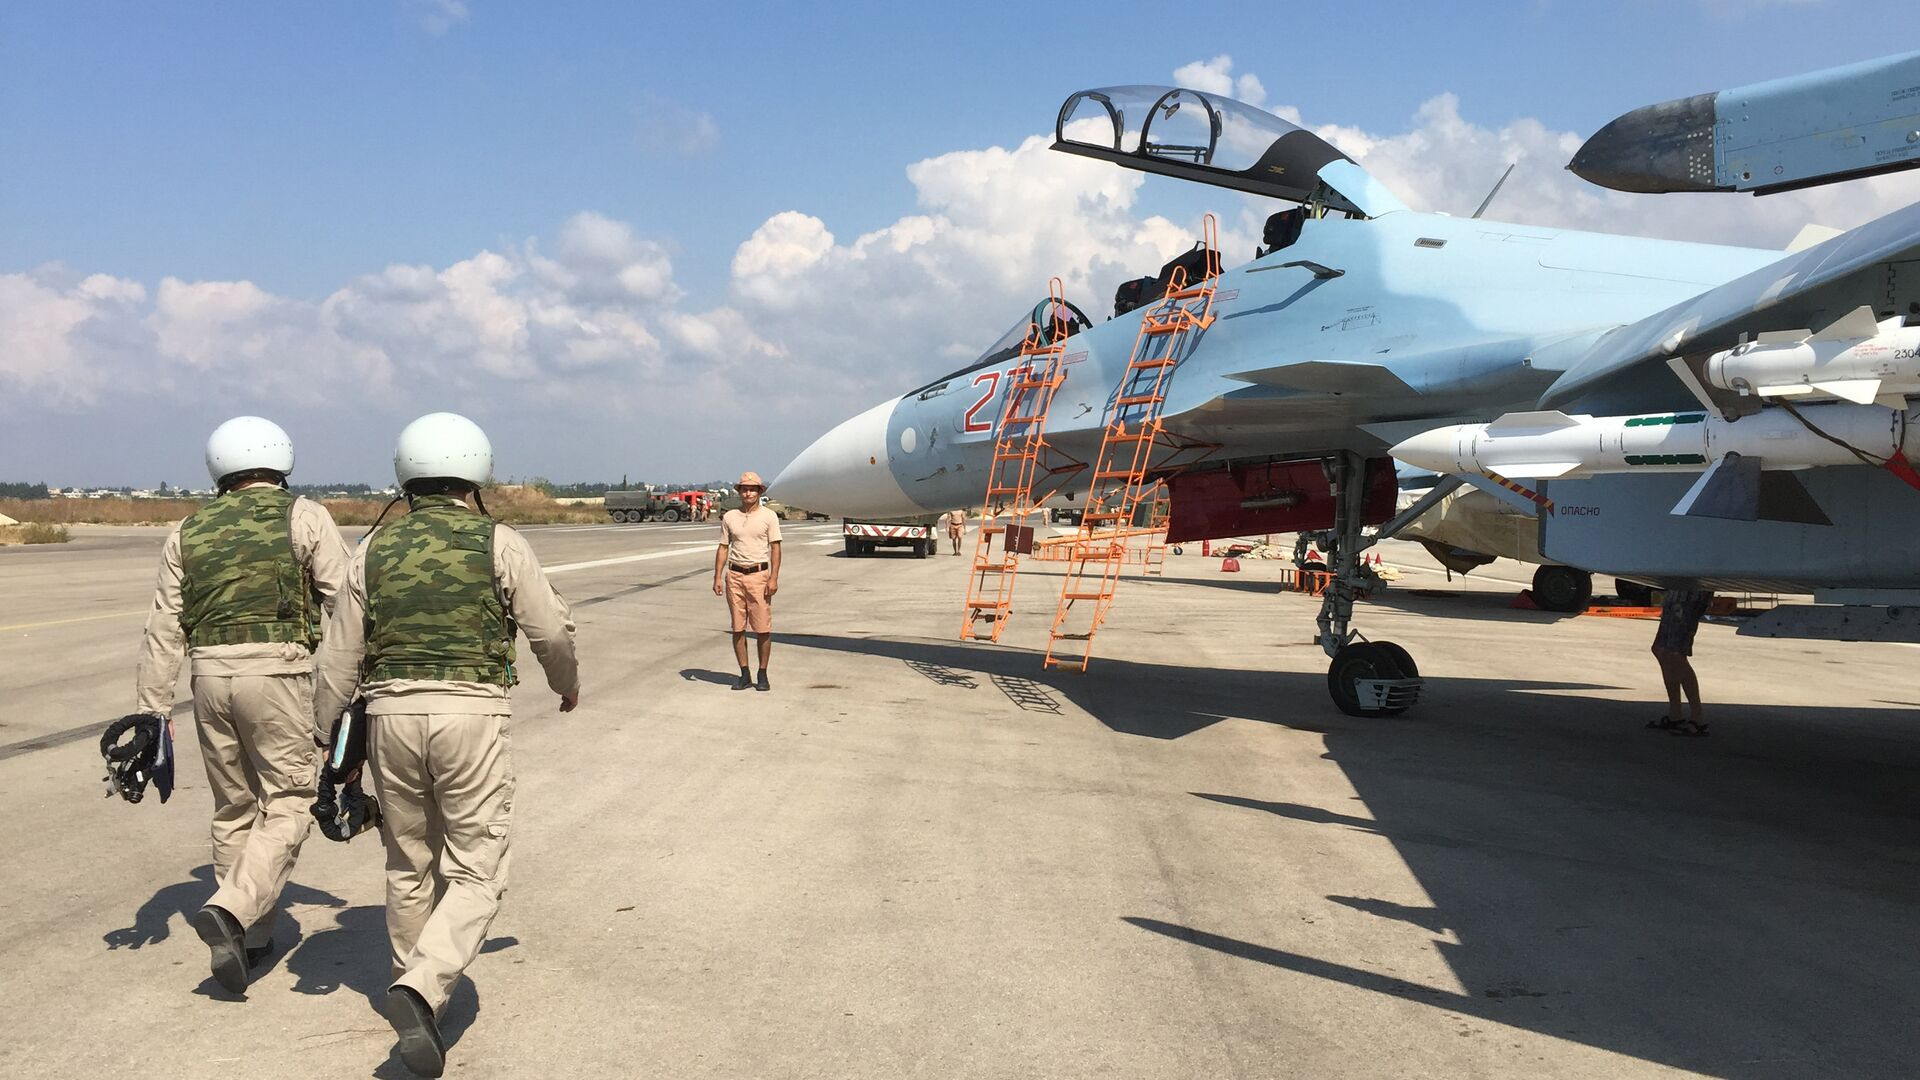 Российские летчики готовятся к посадке в истребитель Су-30 перед вылетом с аэродрома Хмеймим в Сирии - РИА Новости, 1920, 19.05.2021